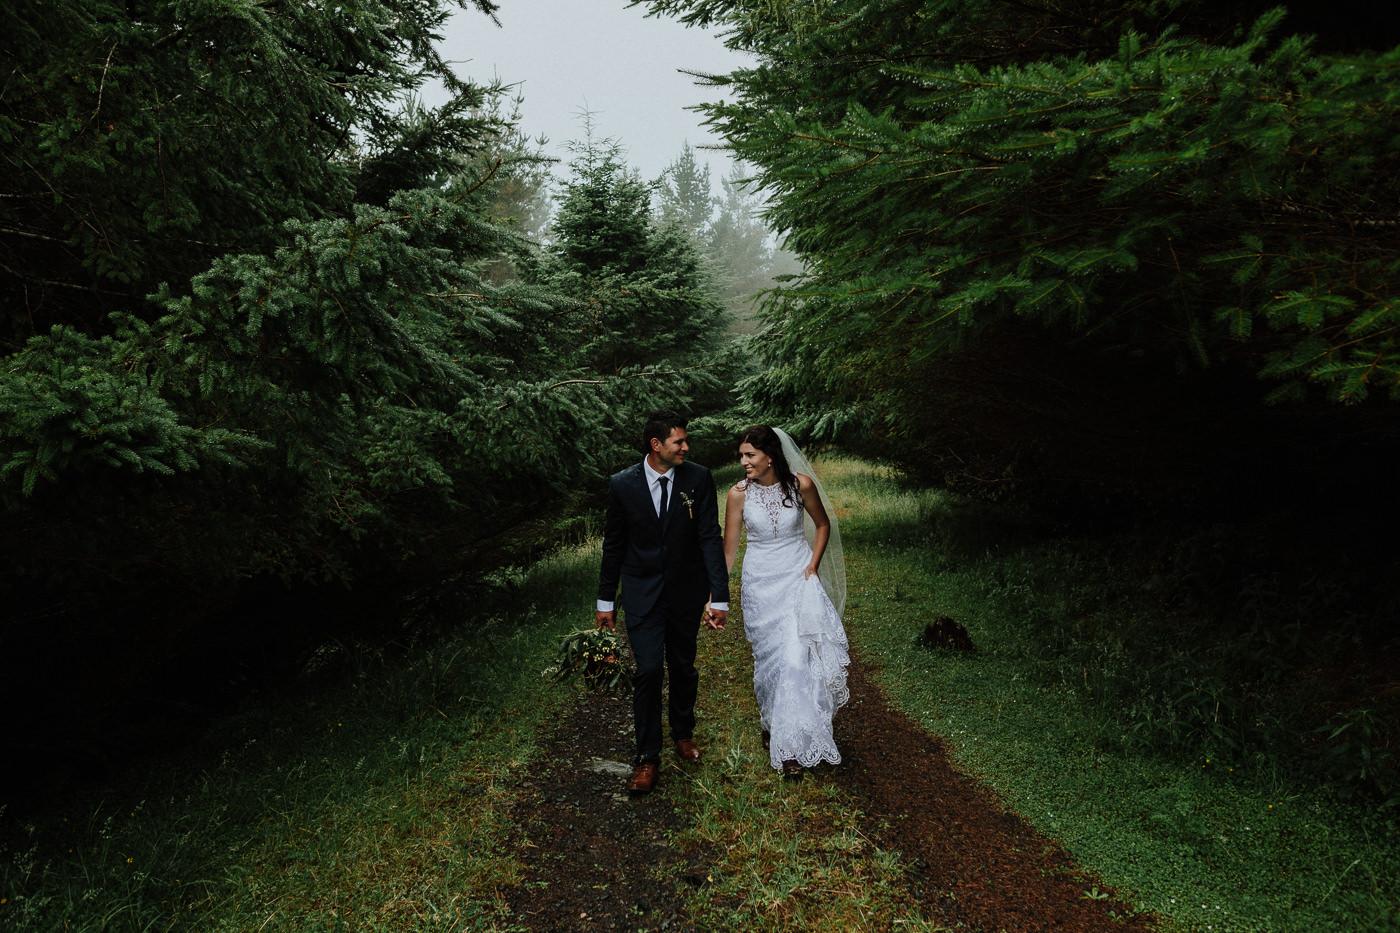 nz_wedding_photographer_gisborne-1078.jpg